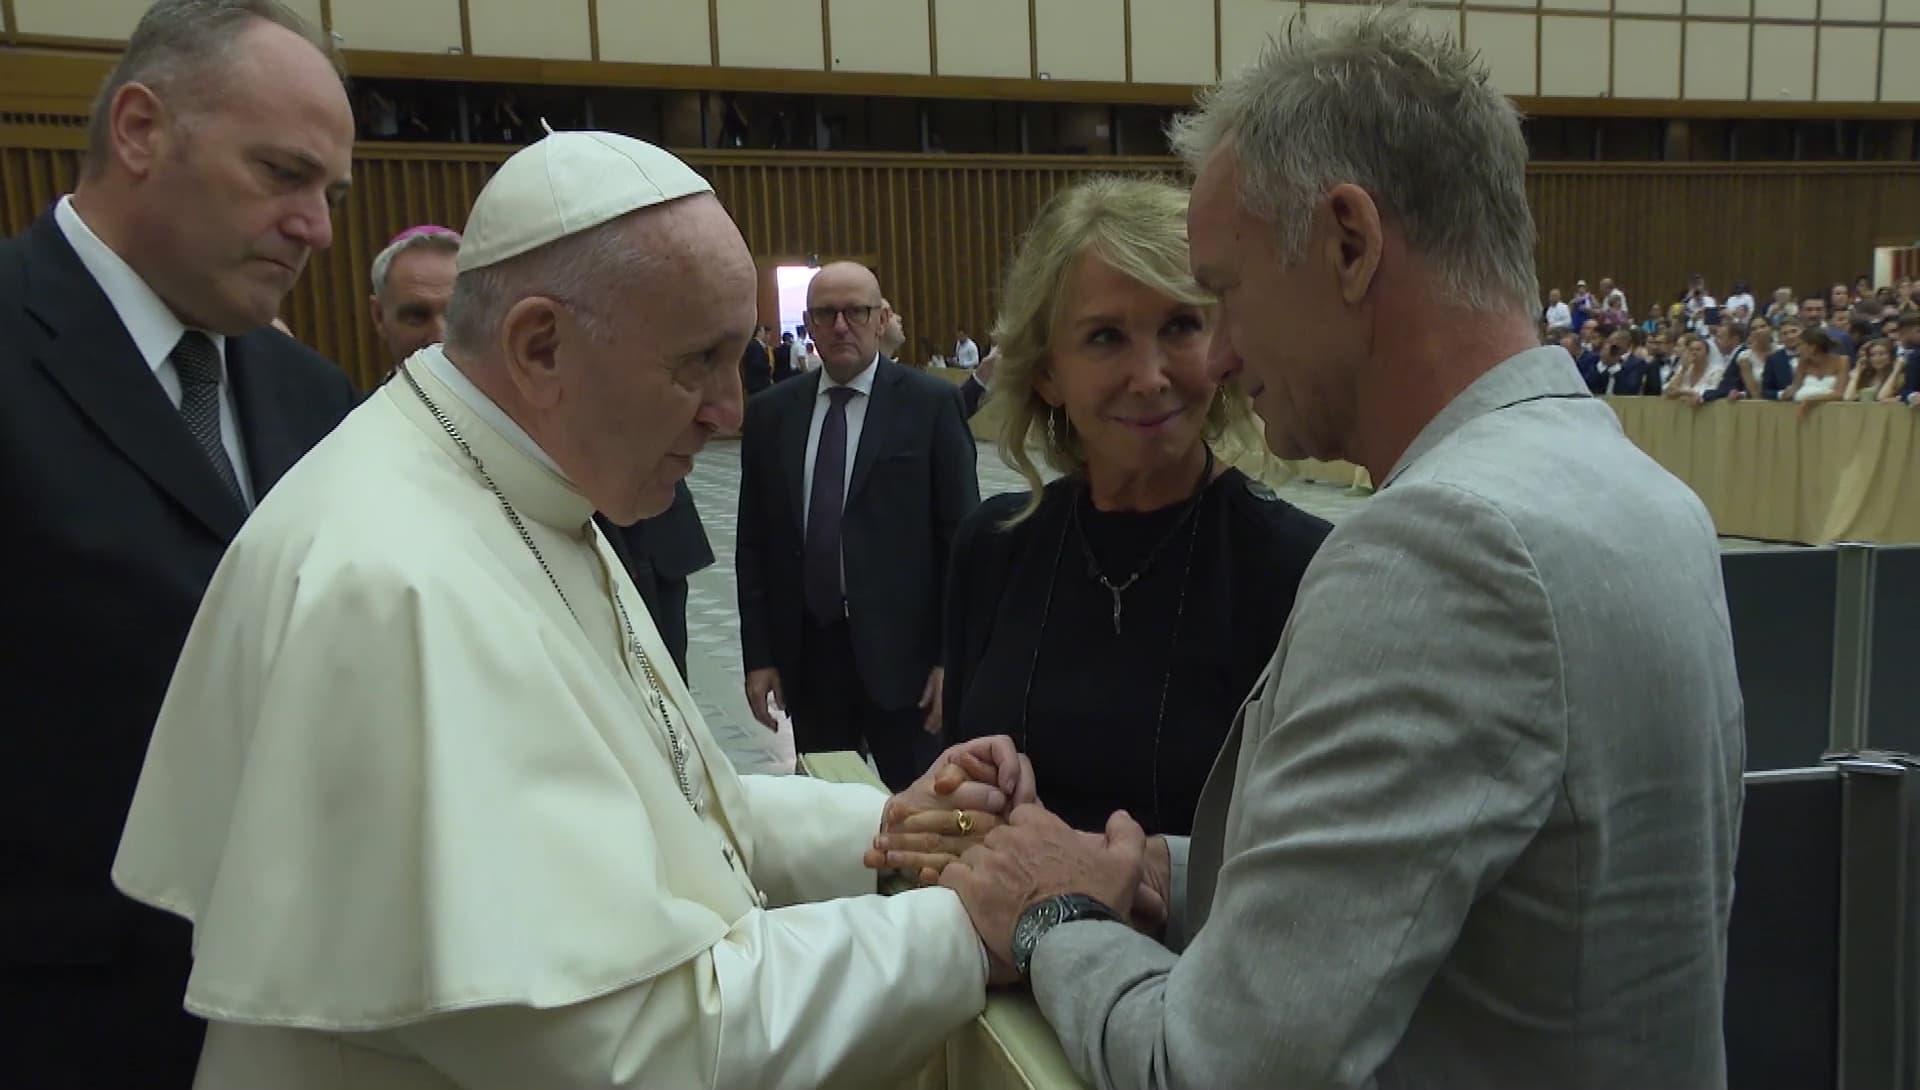 Đức Thánh Cha gặp gỡ vợ chồng ca sĩ Sting